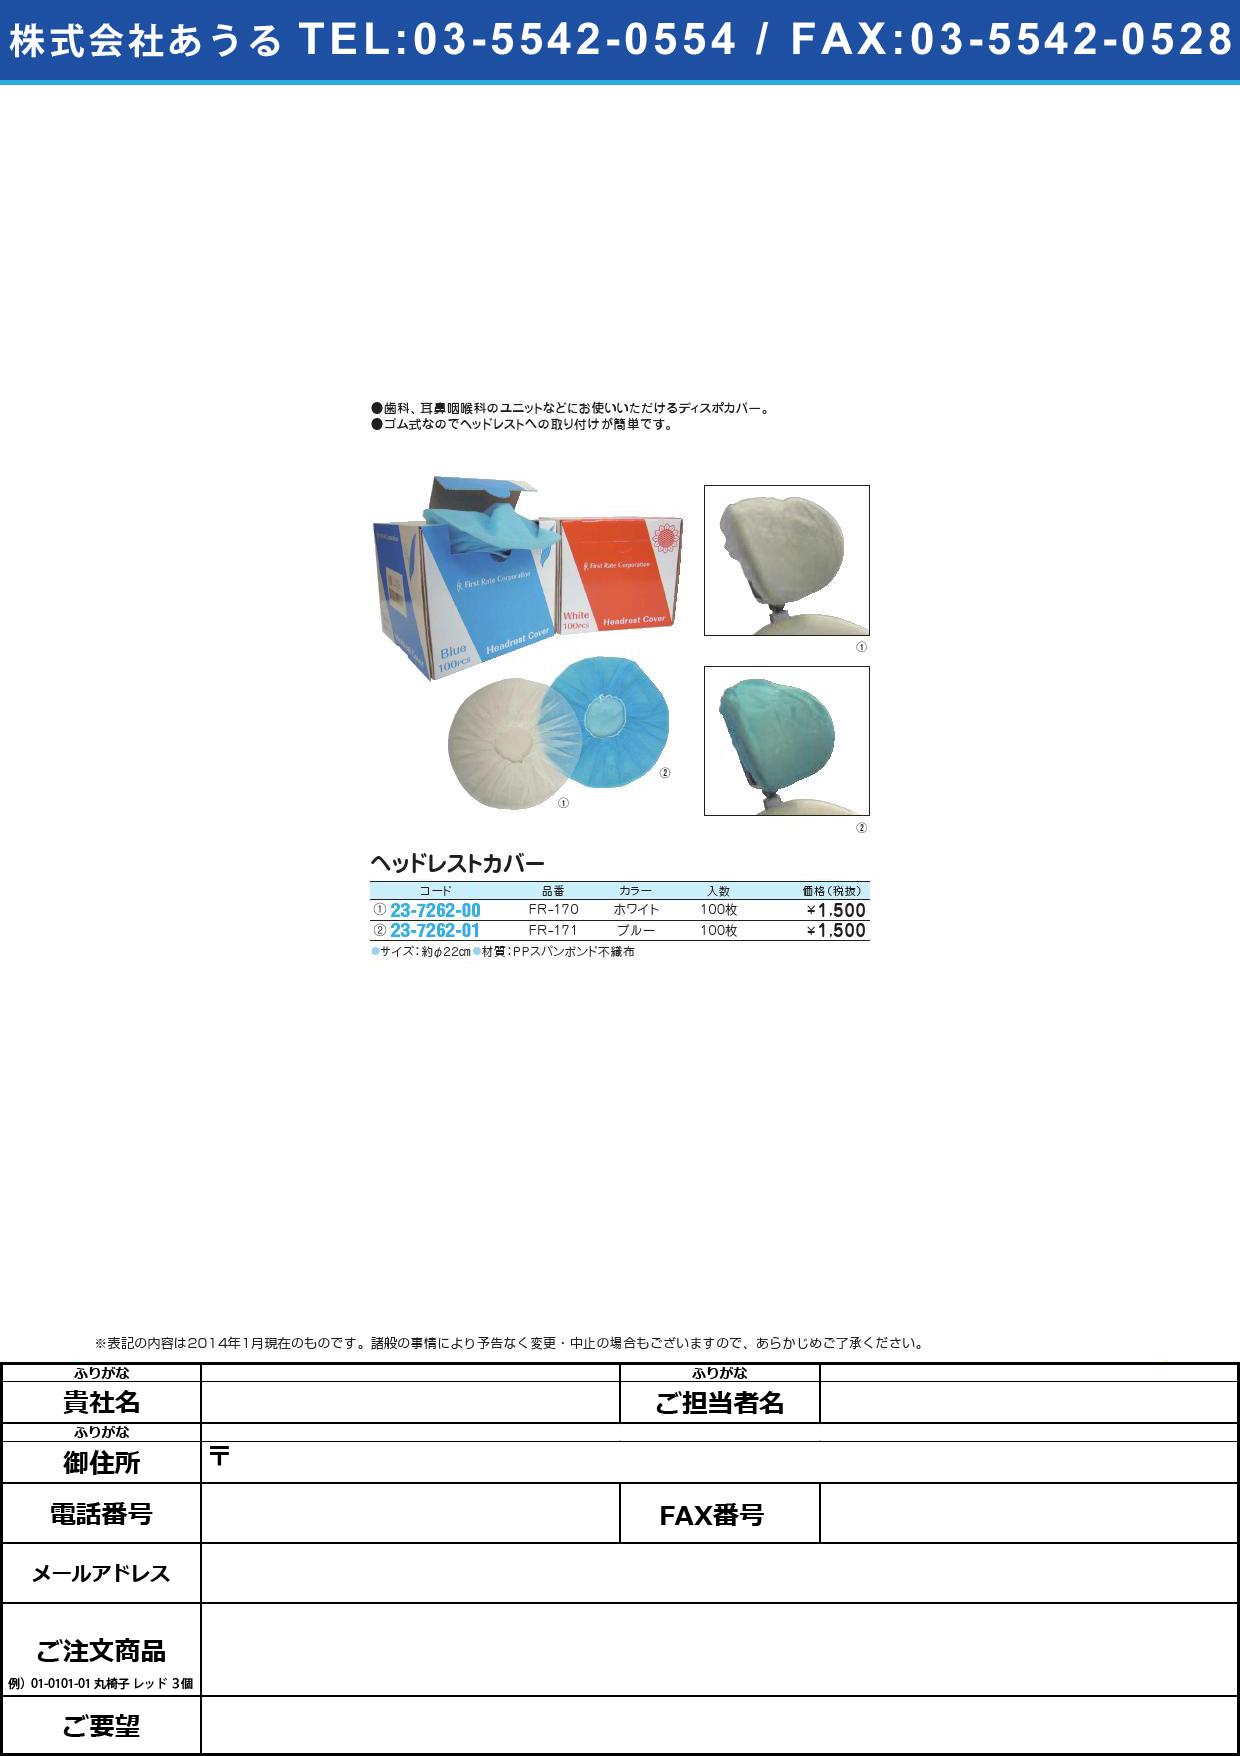 ヘッドレストカバー ヘッドレストカバー(23-7262-01)FR-171(ブルー)100マイイリ【1箱単位】